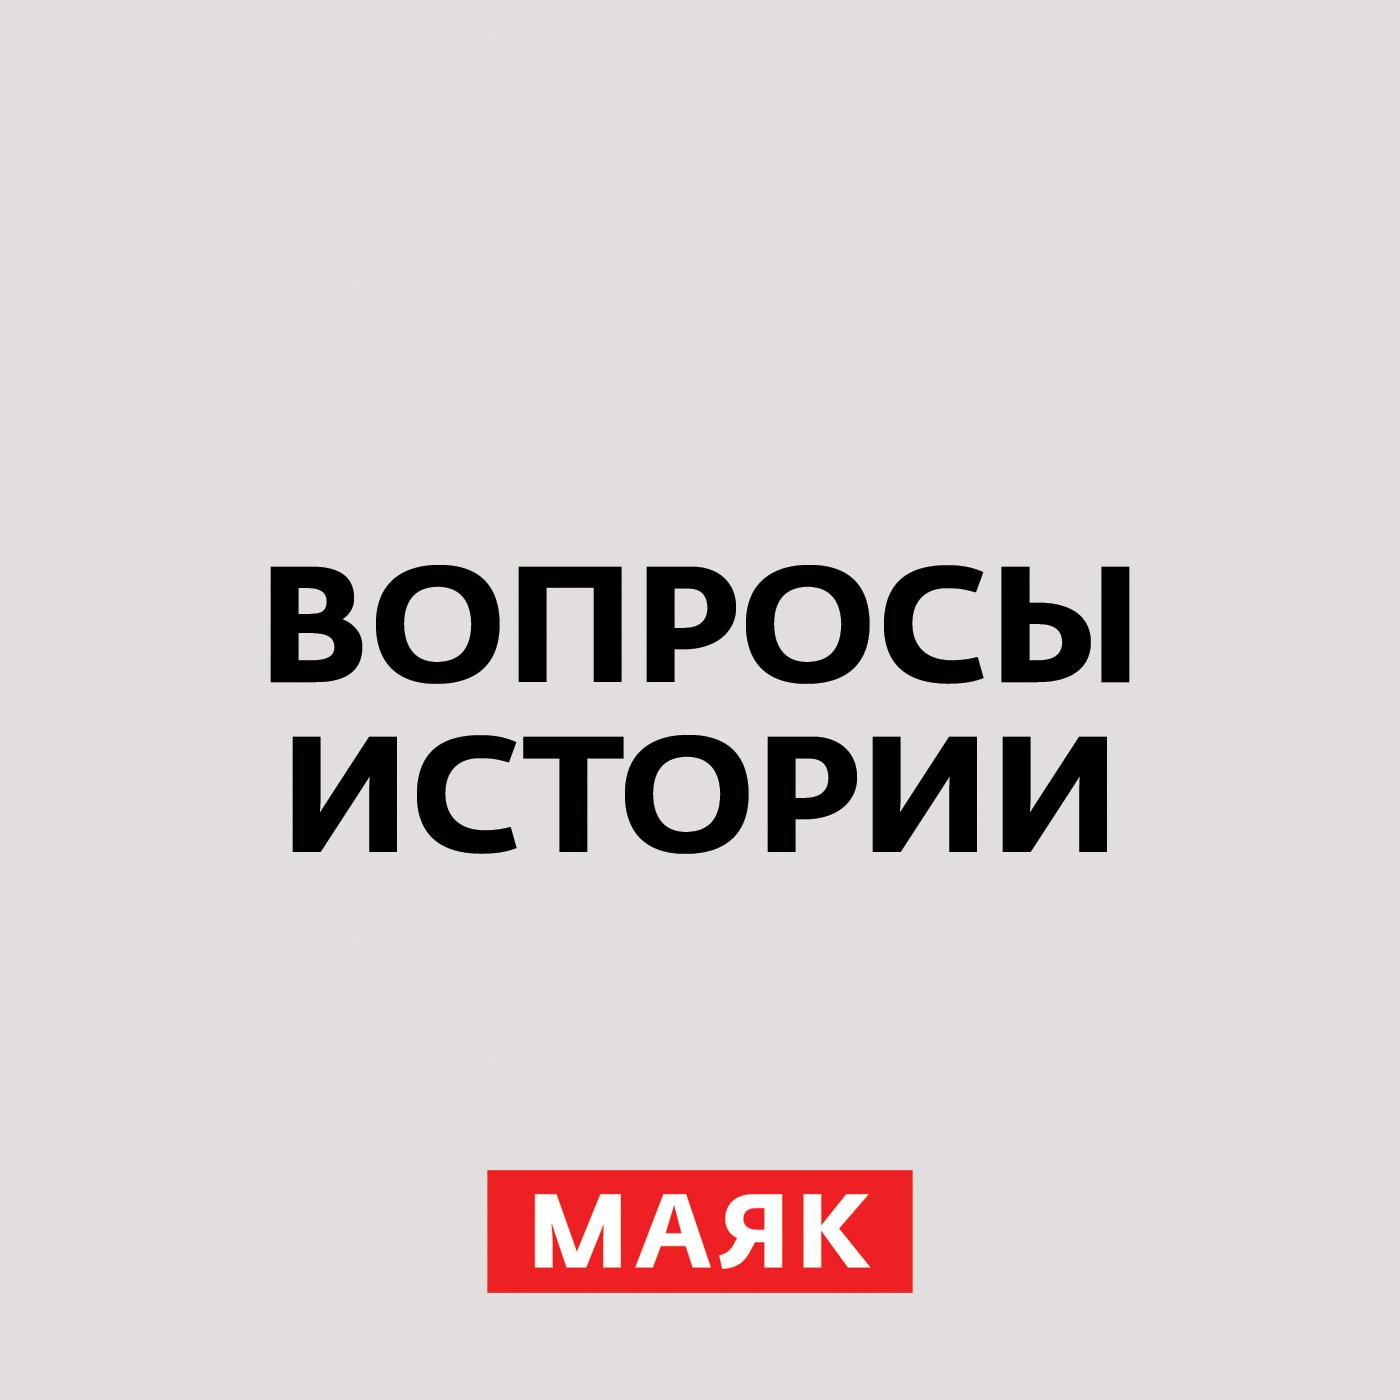 Андрей Светенко 1915 год: империя была обречена? хроника одного полка 1915 год роман